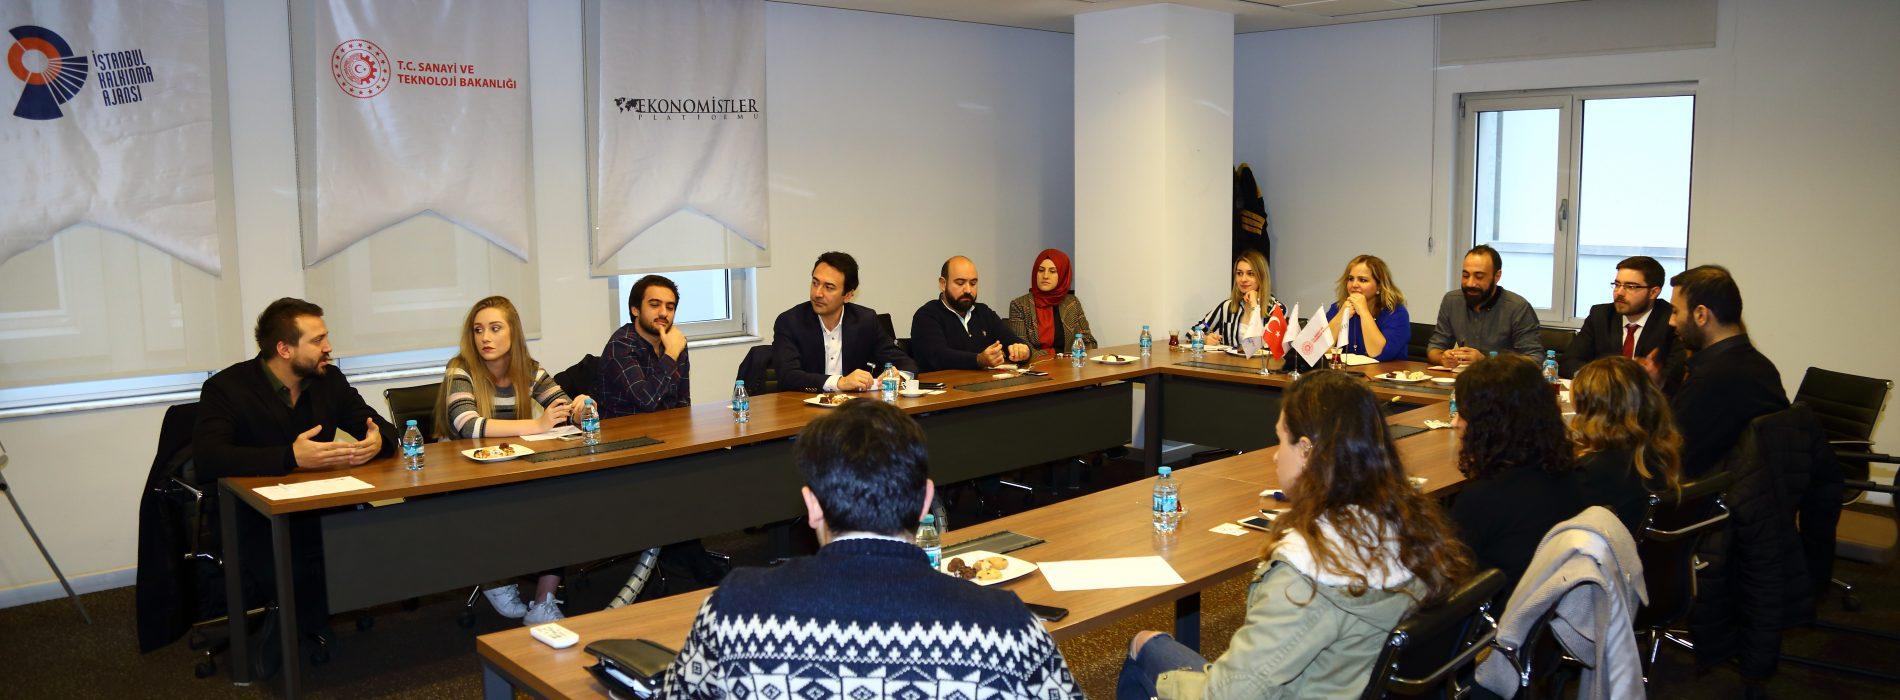 İNOFİNANS 1. Girişimcilik Çalıştayı Gerçekleştirildi